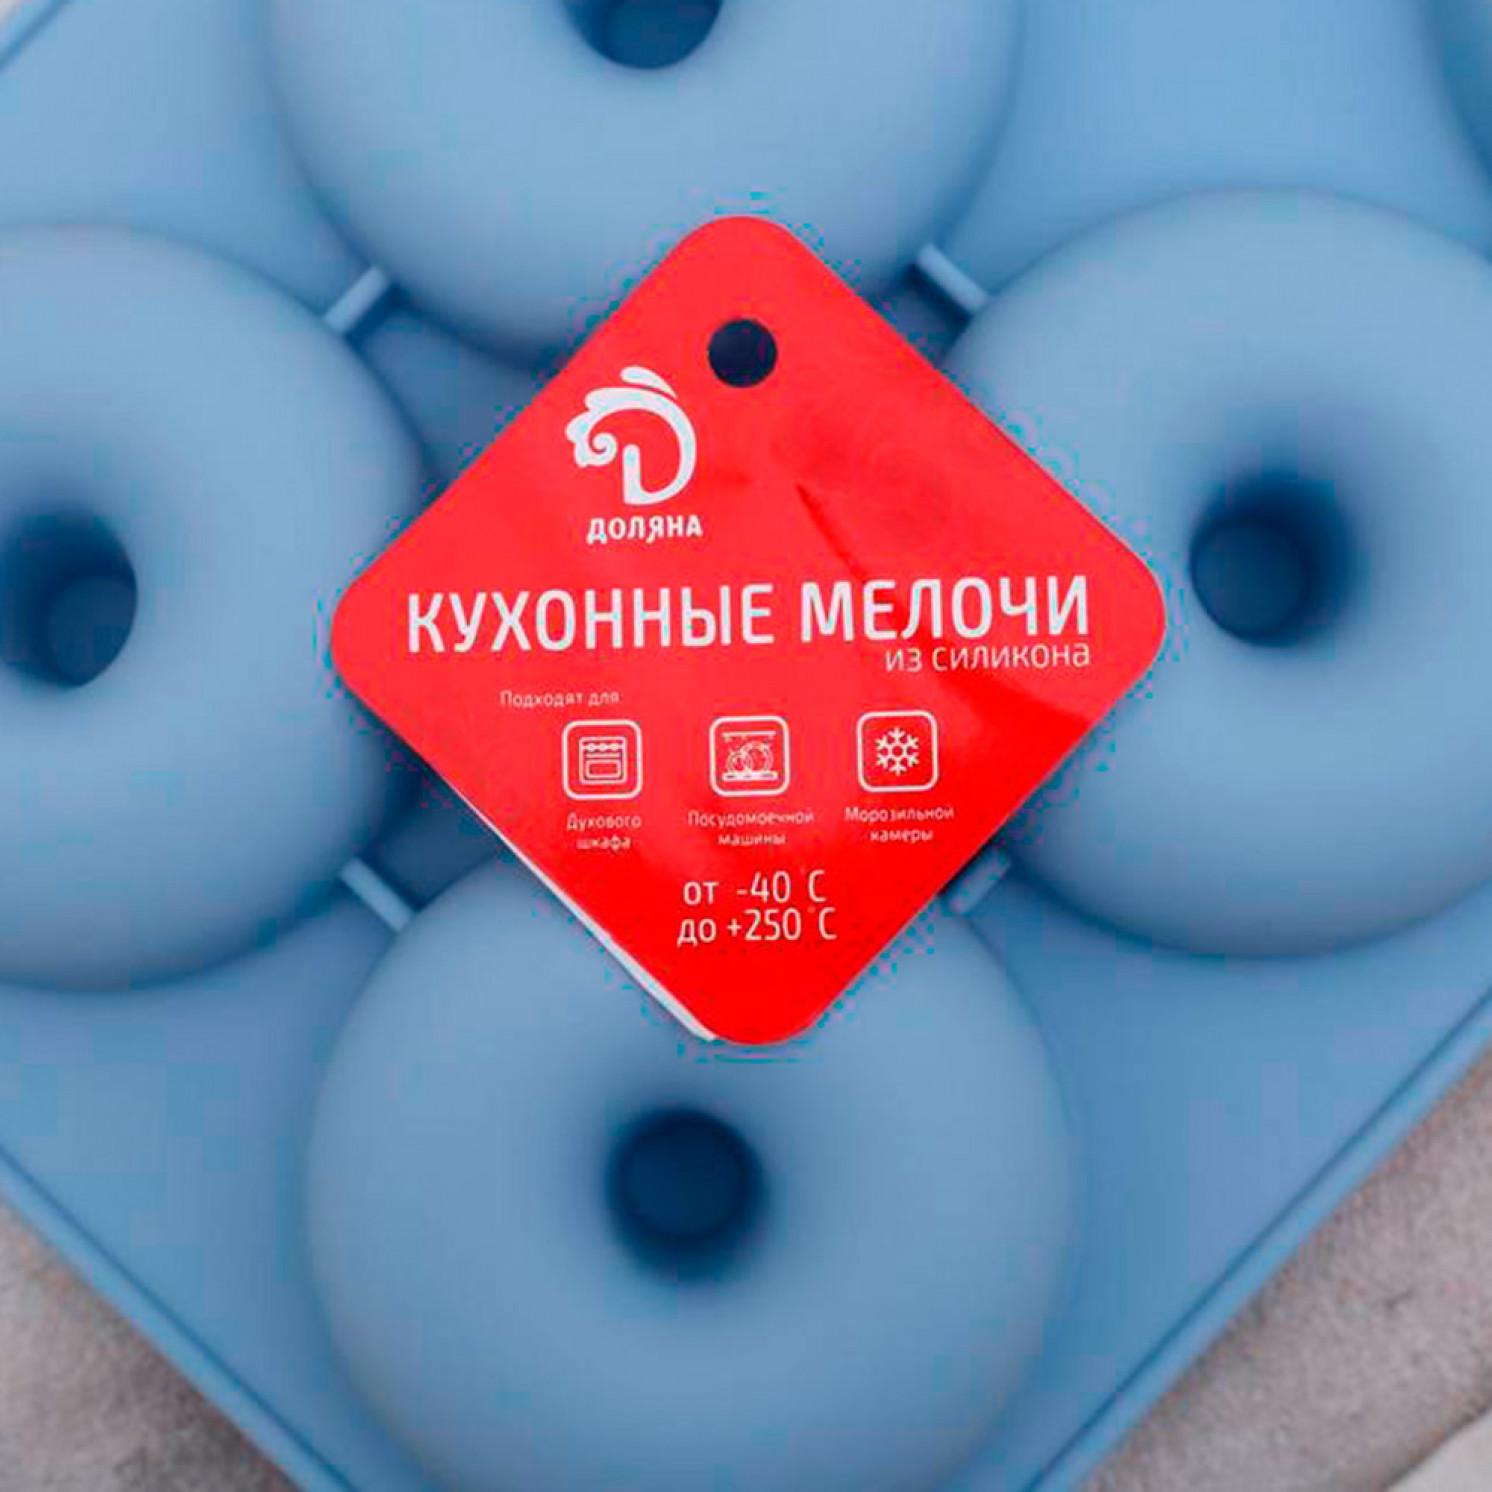 Форма для выпечки «Пончик», 26×18 см, 6 ячеек, цвет МИКС